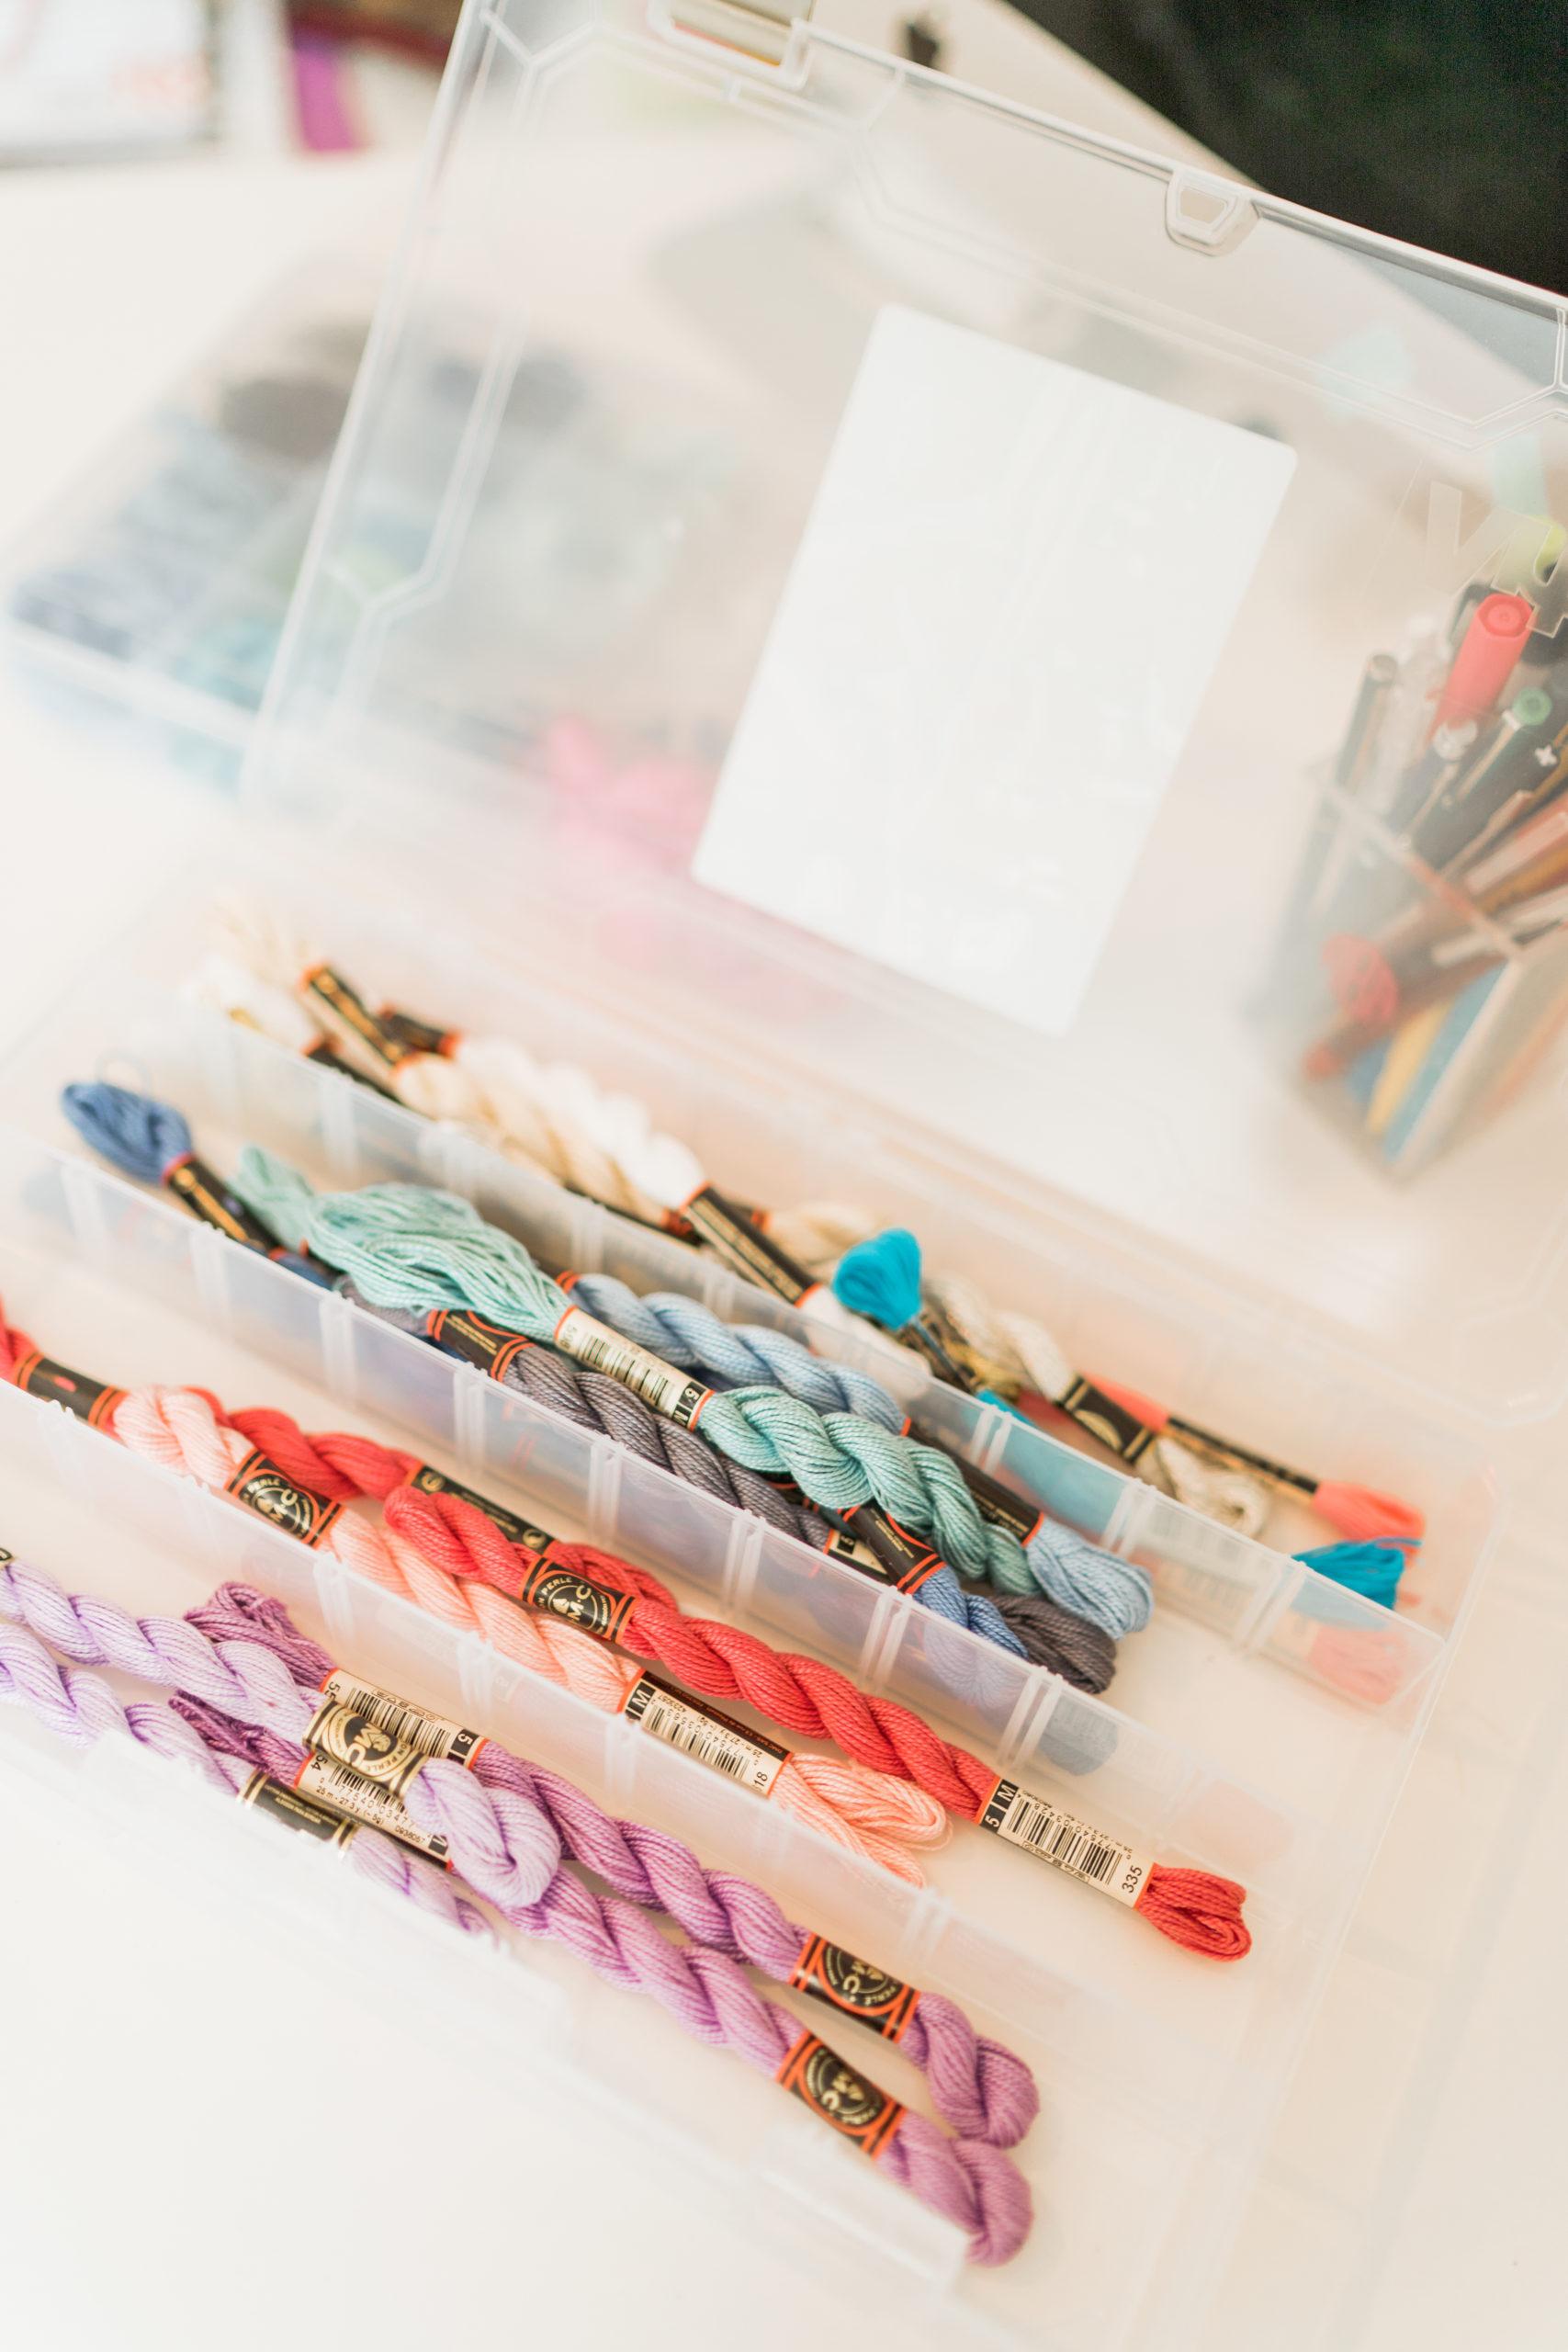 organizing needlepoint threads